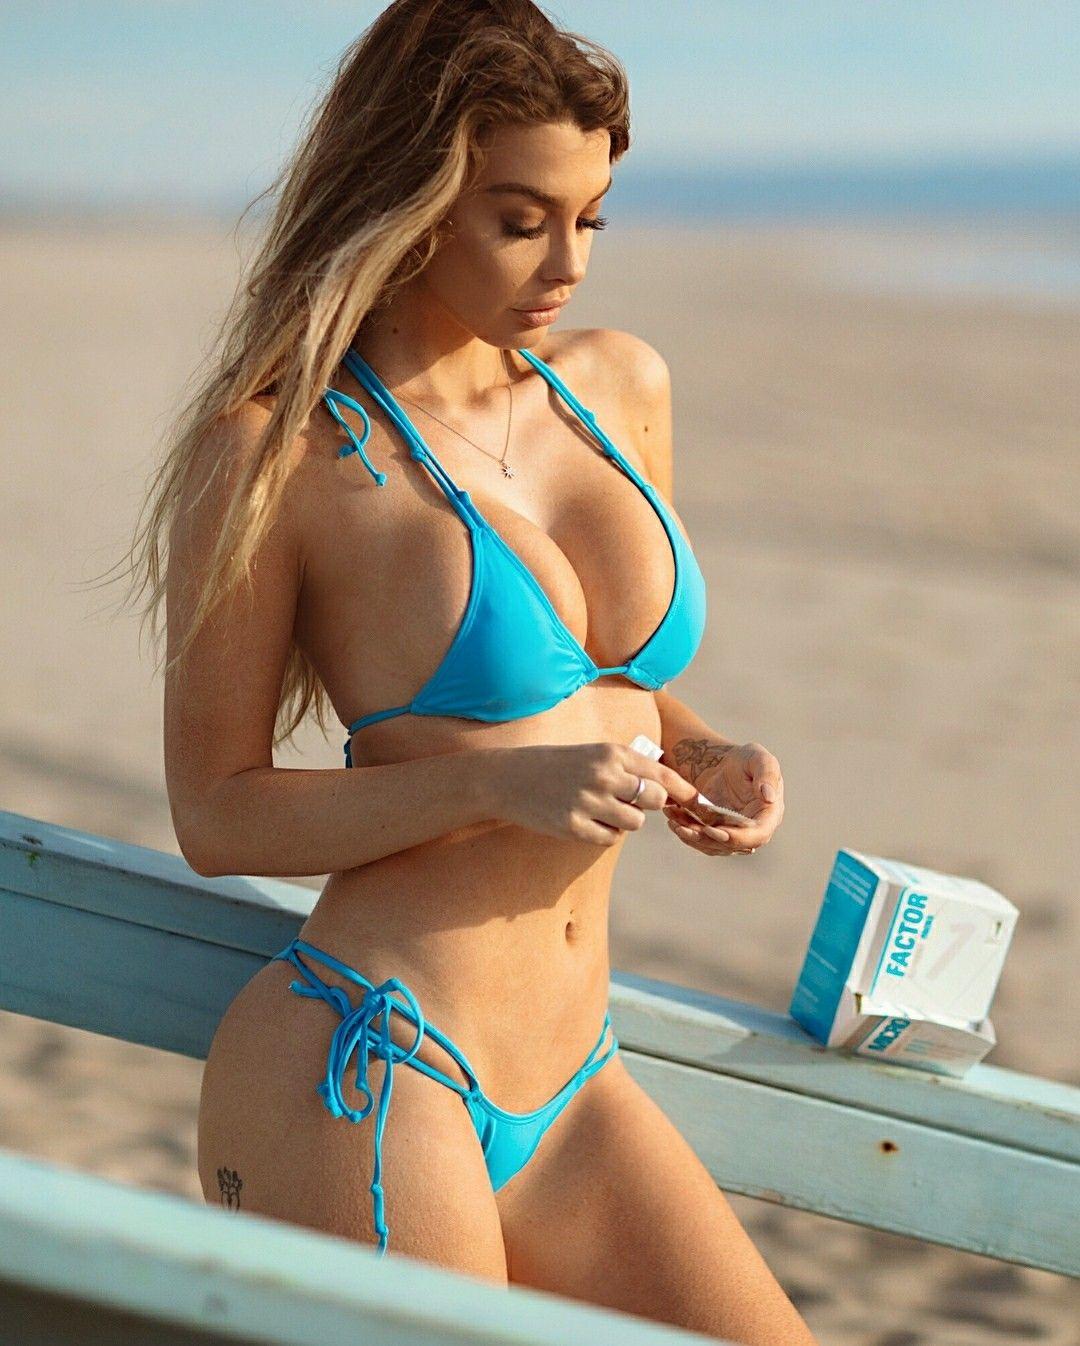 Emily sears bikini